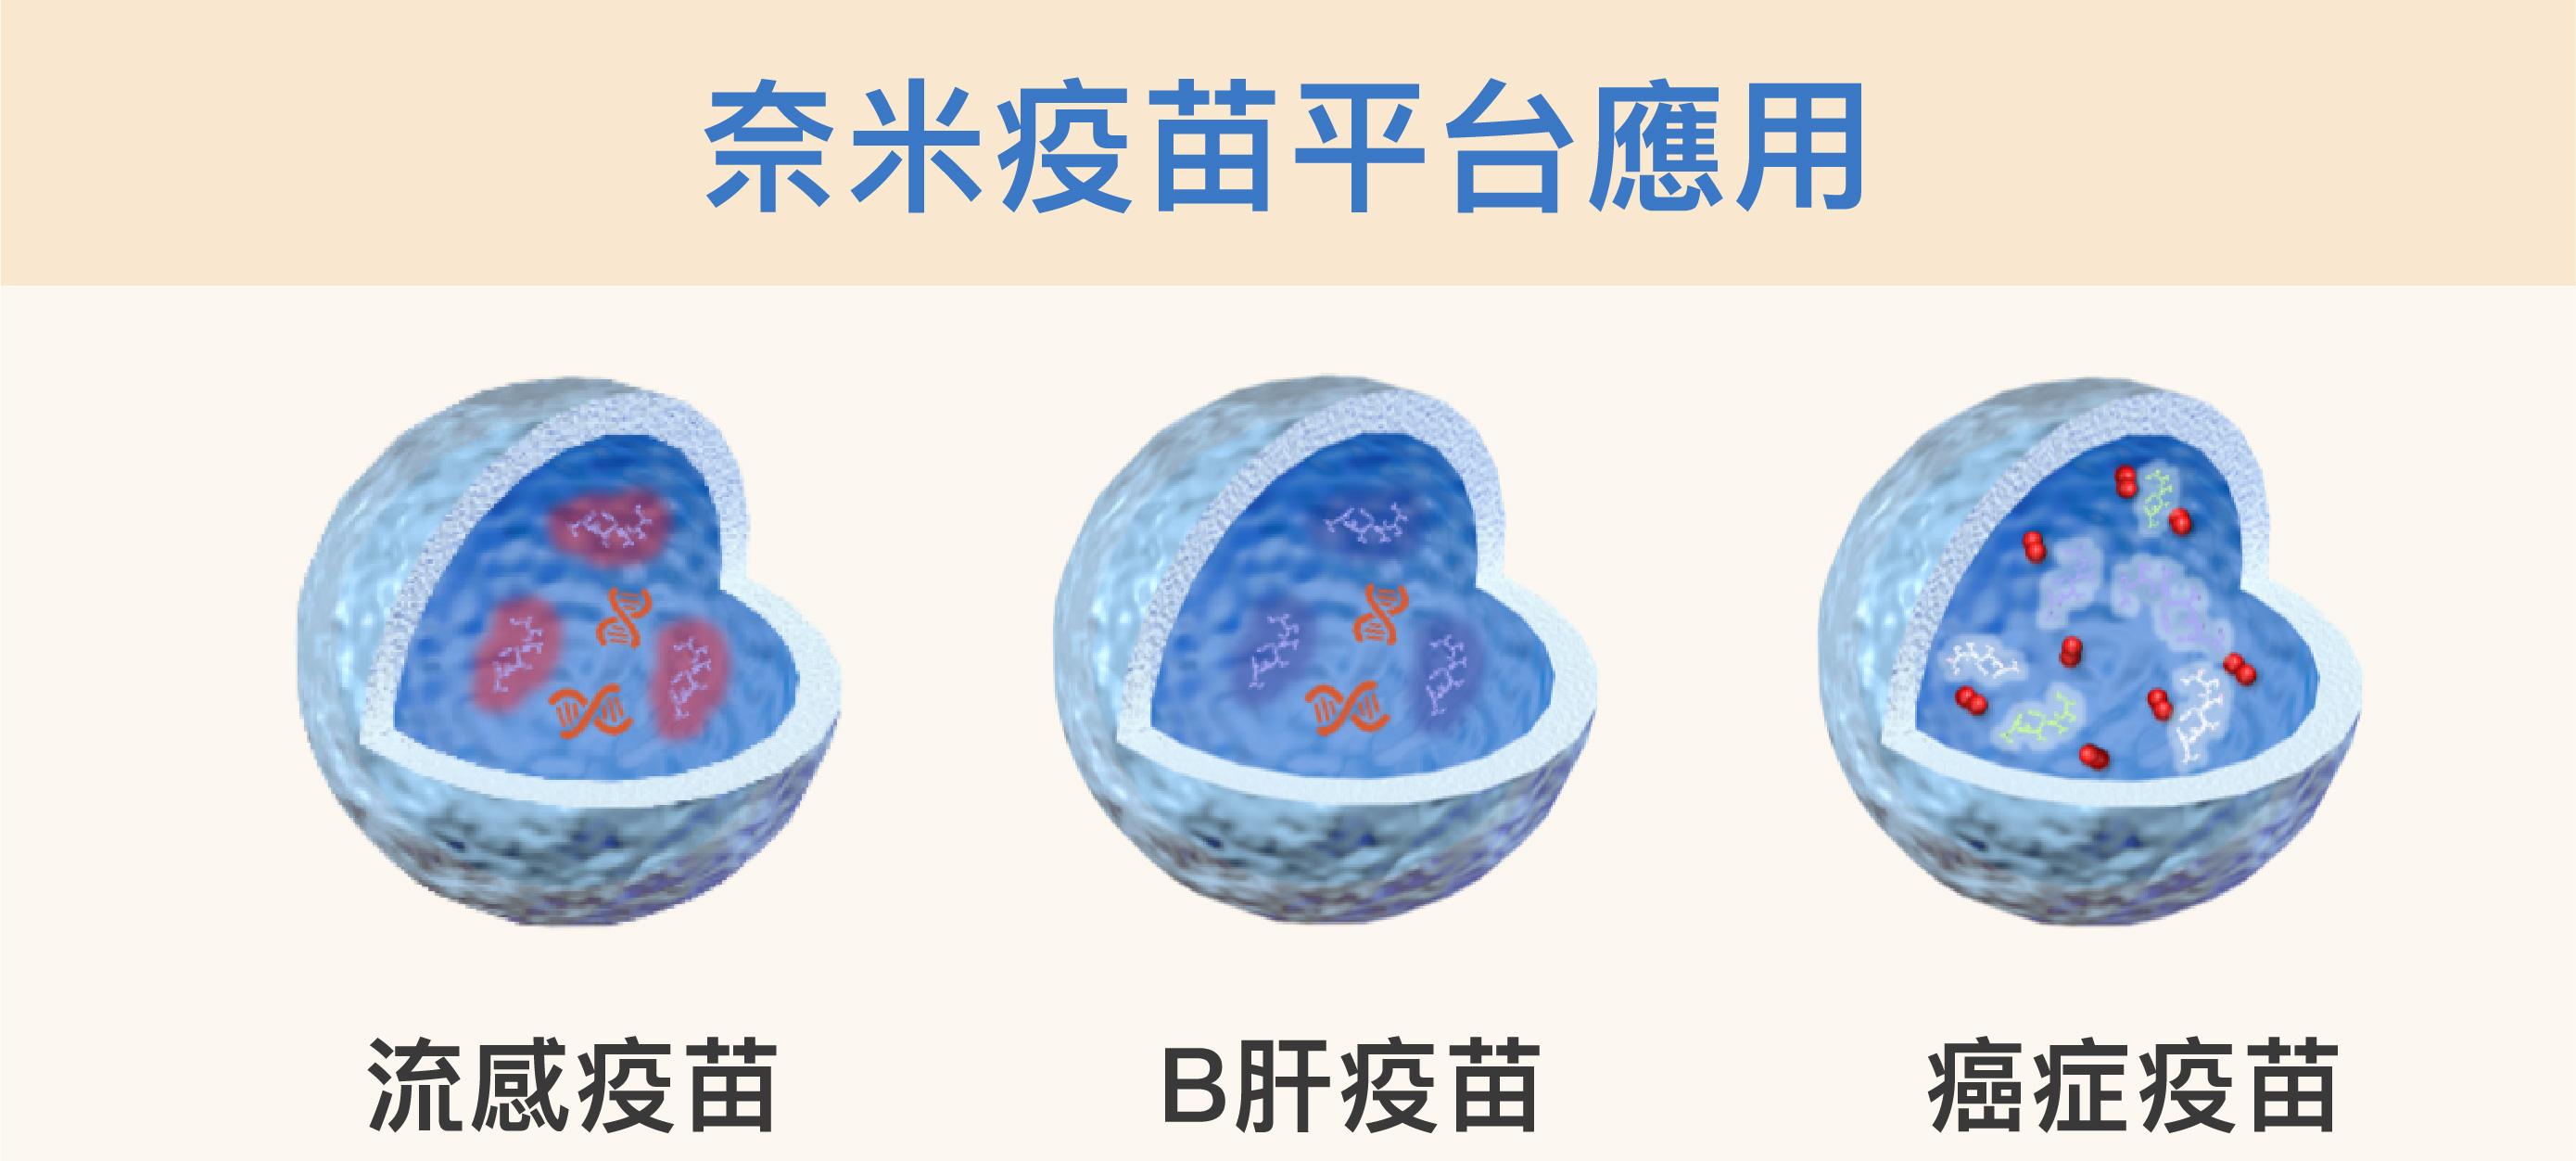 改變薄殼中空奈米粒子的外殼,並在裡頭放入不同的佐劑或藥物,就可能開發出流感、B肝或癌症等等不同疫苗。資料來源│胡哲銘 圖說美化│林洵安